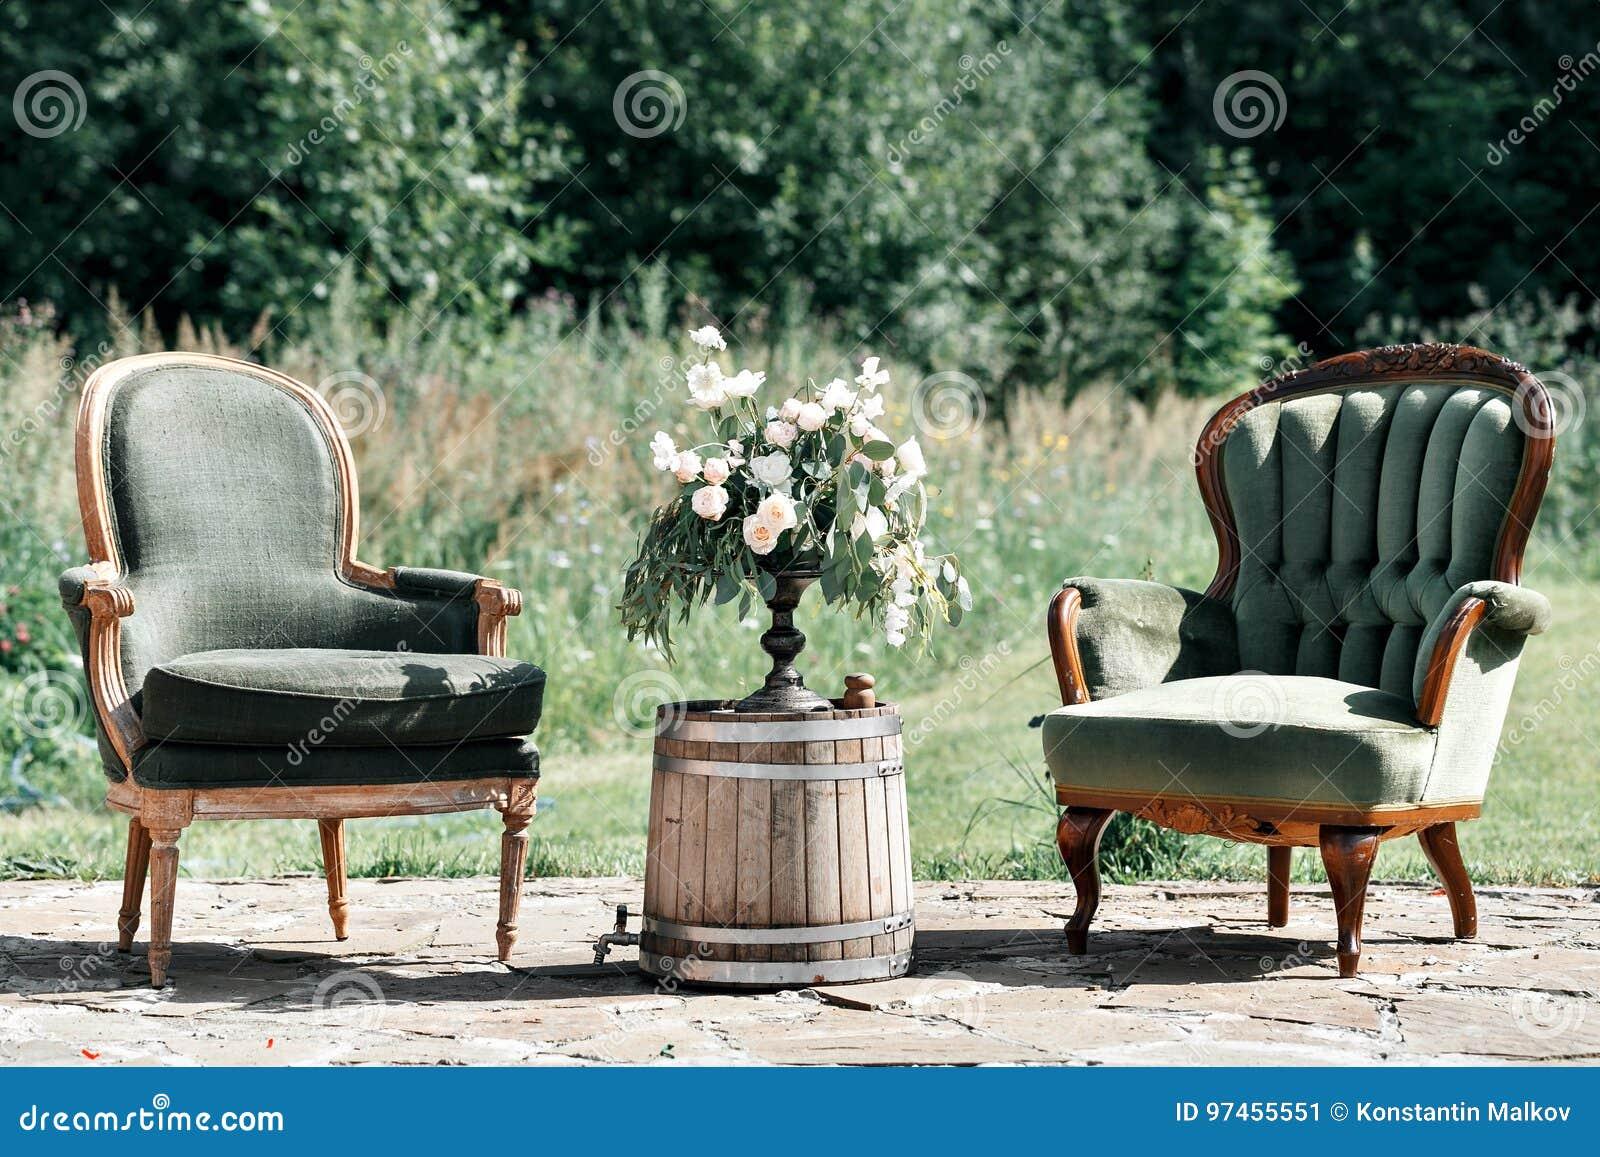 Houten Stoel Tuin : Uitstekende houten stoelen en lijst met bloemdecoratie in tuin